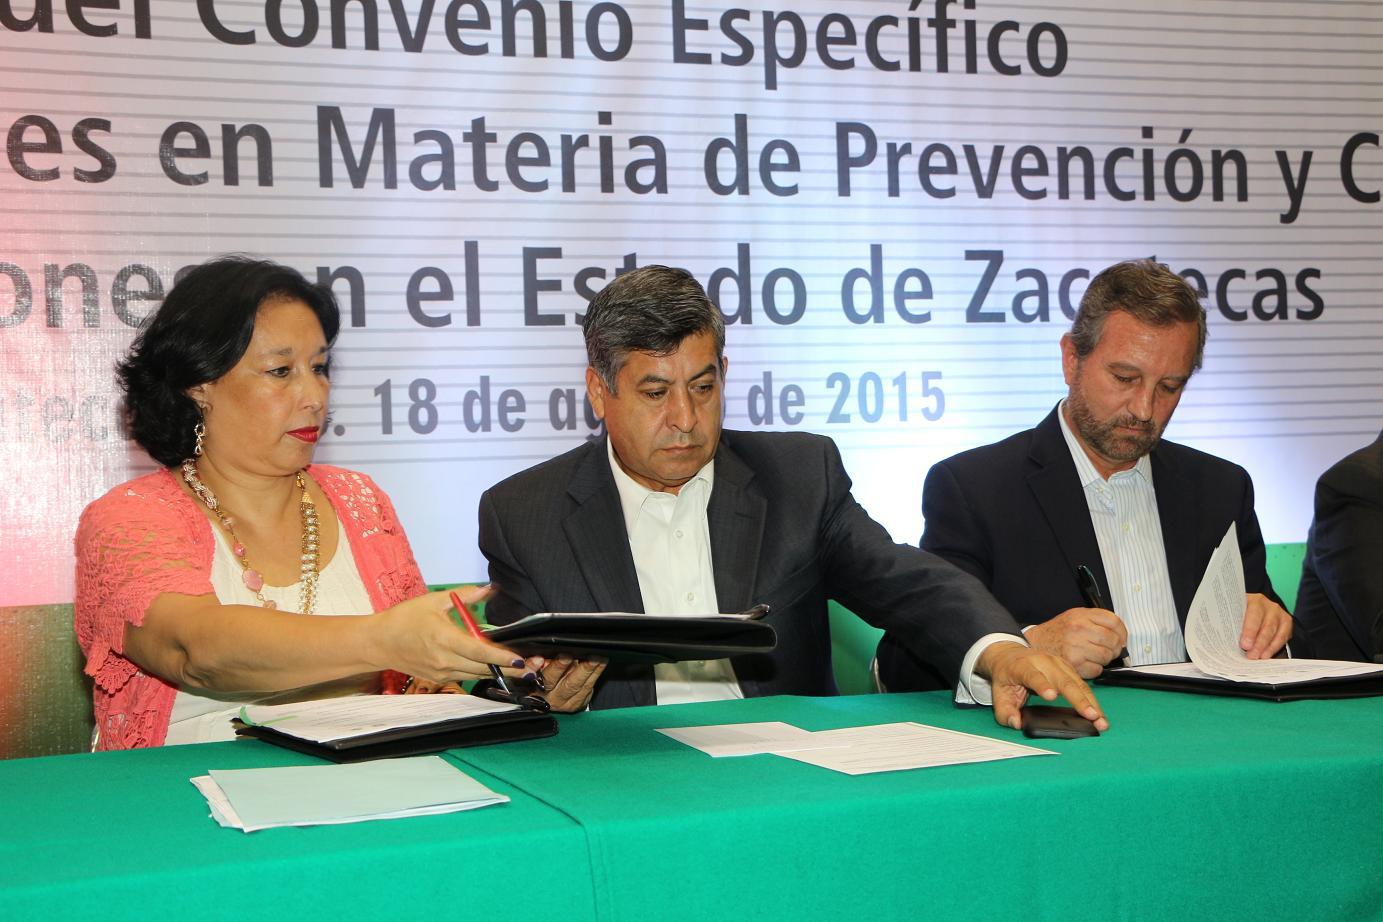 En representación del doctor Manuel Mondragón, la doctora Nora Frías recibió el reconocimiento que el gobernador Miguel Alonso Reyes entregó al titular de CONADIC, al nombrarlo Huésped de Honor